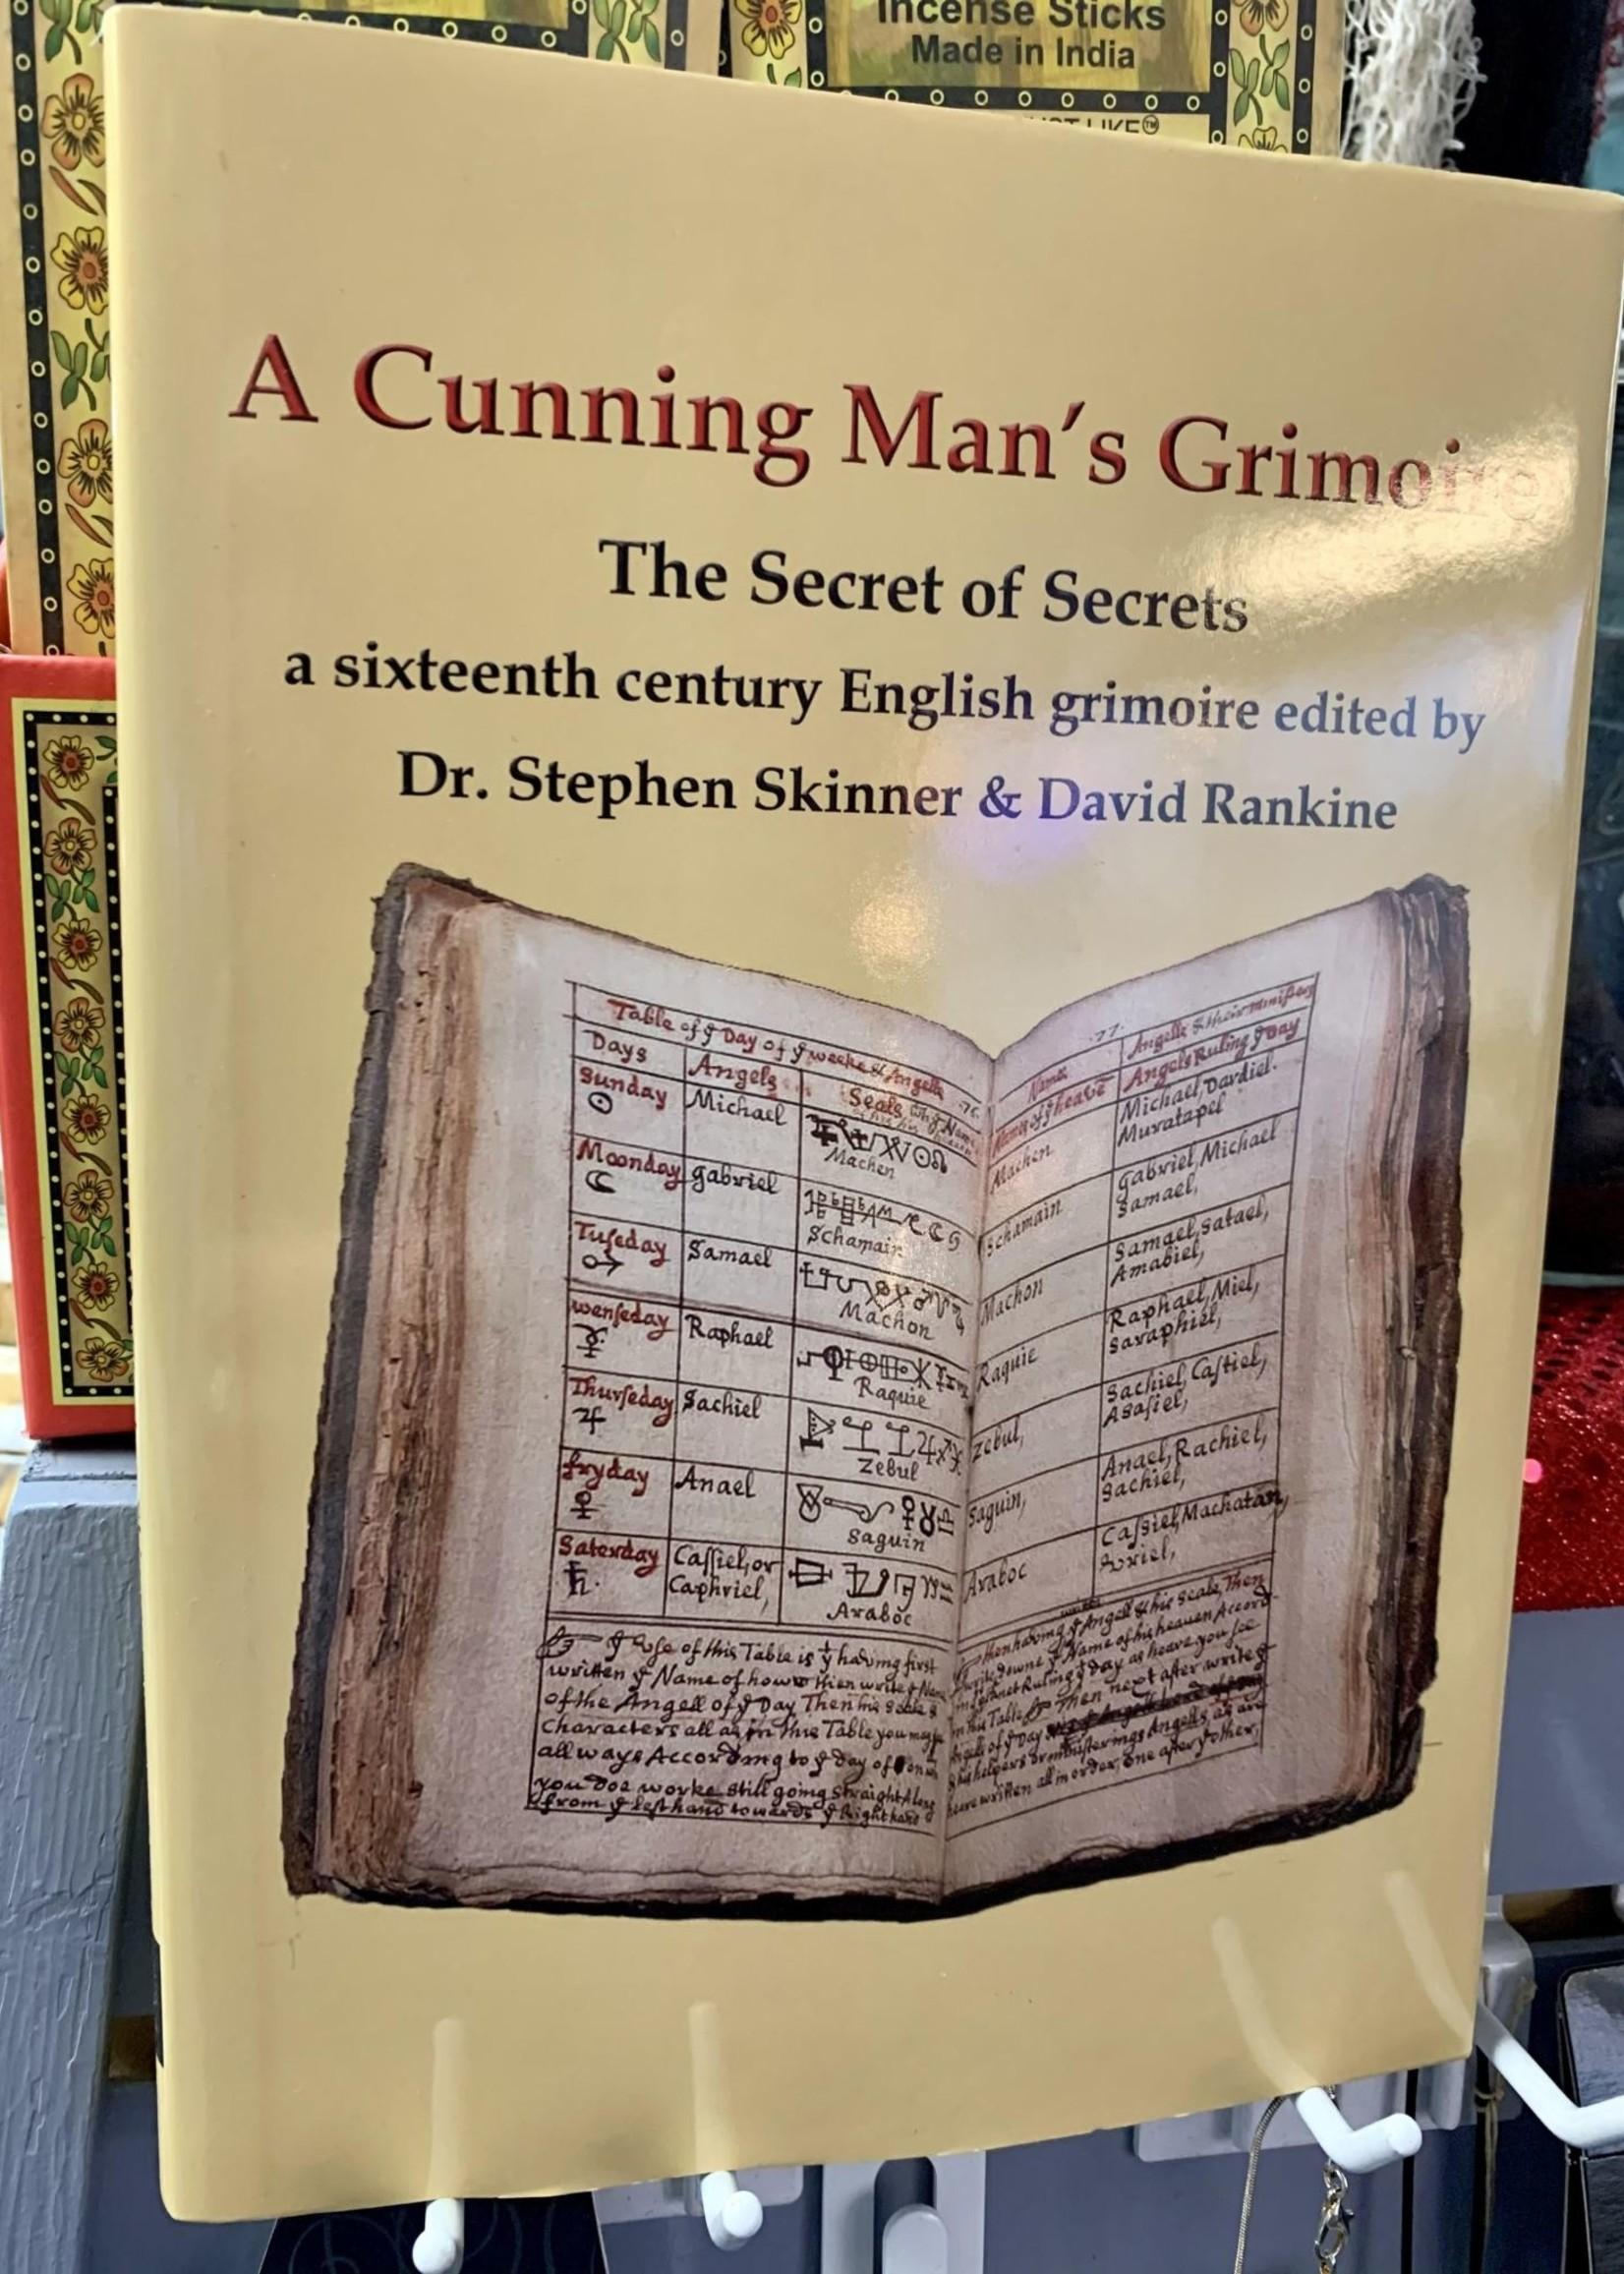 A Cunning Man's Grimoire